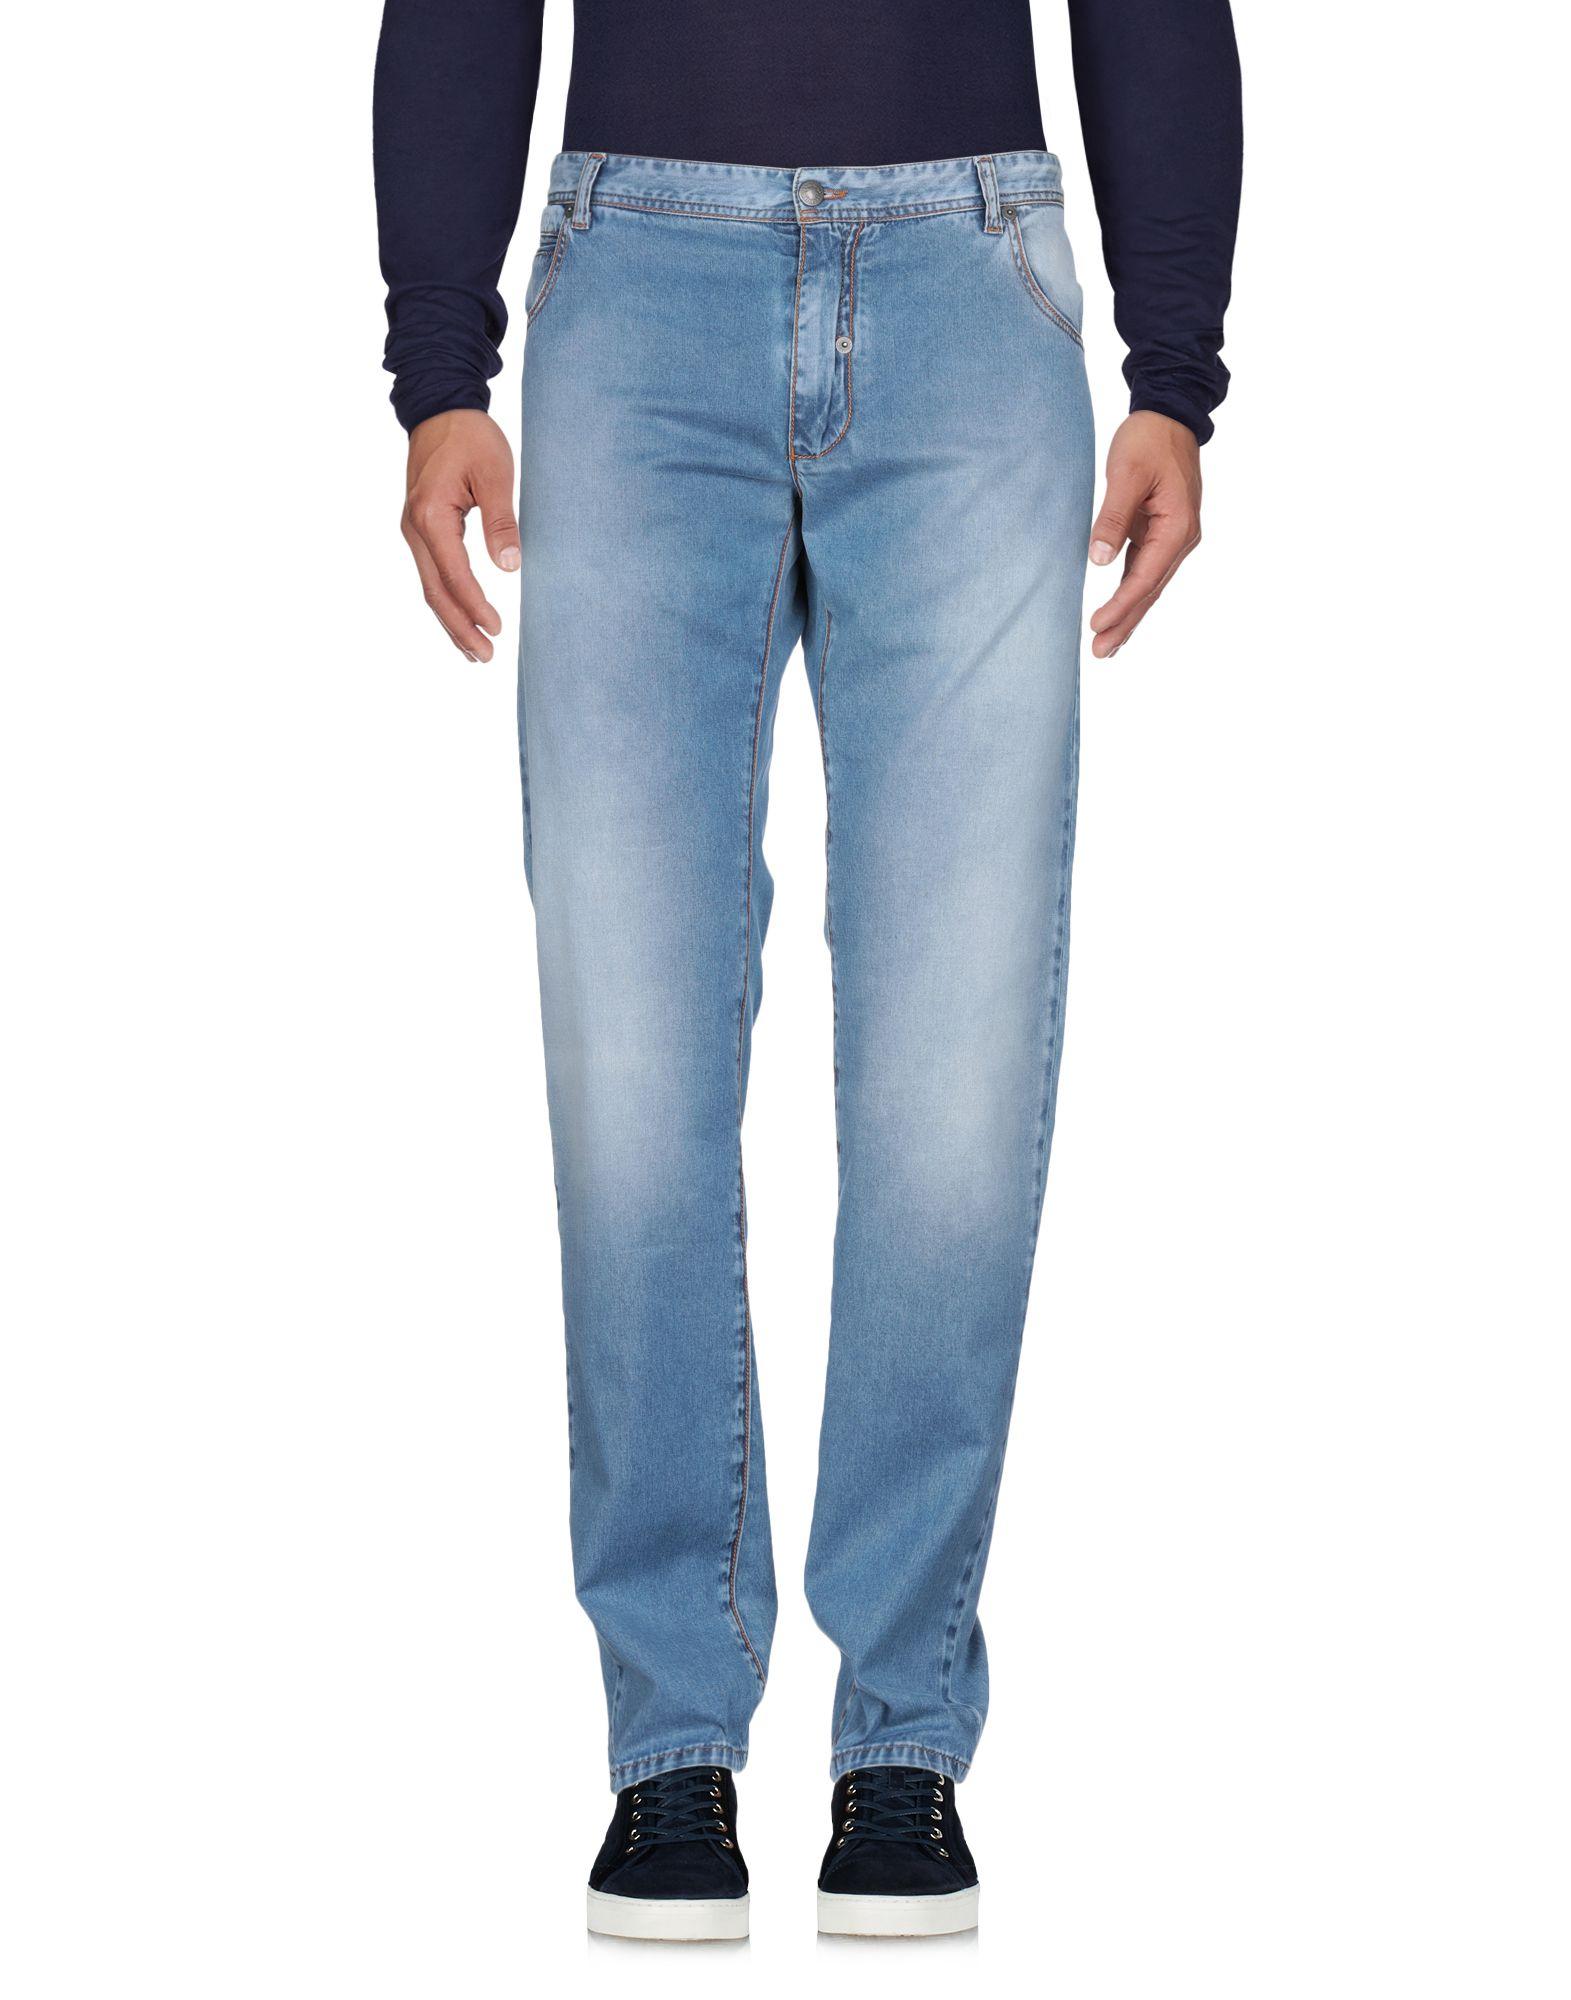 Pantaloni Jeans Ermanno Ermanno Jeans Scervino Uomo - 42685828CO 7c24ec